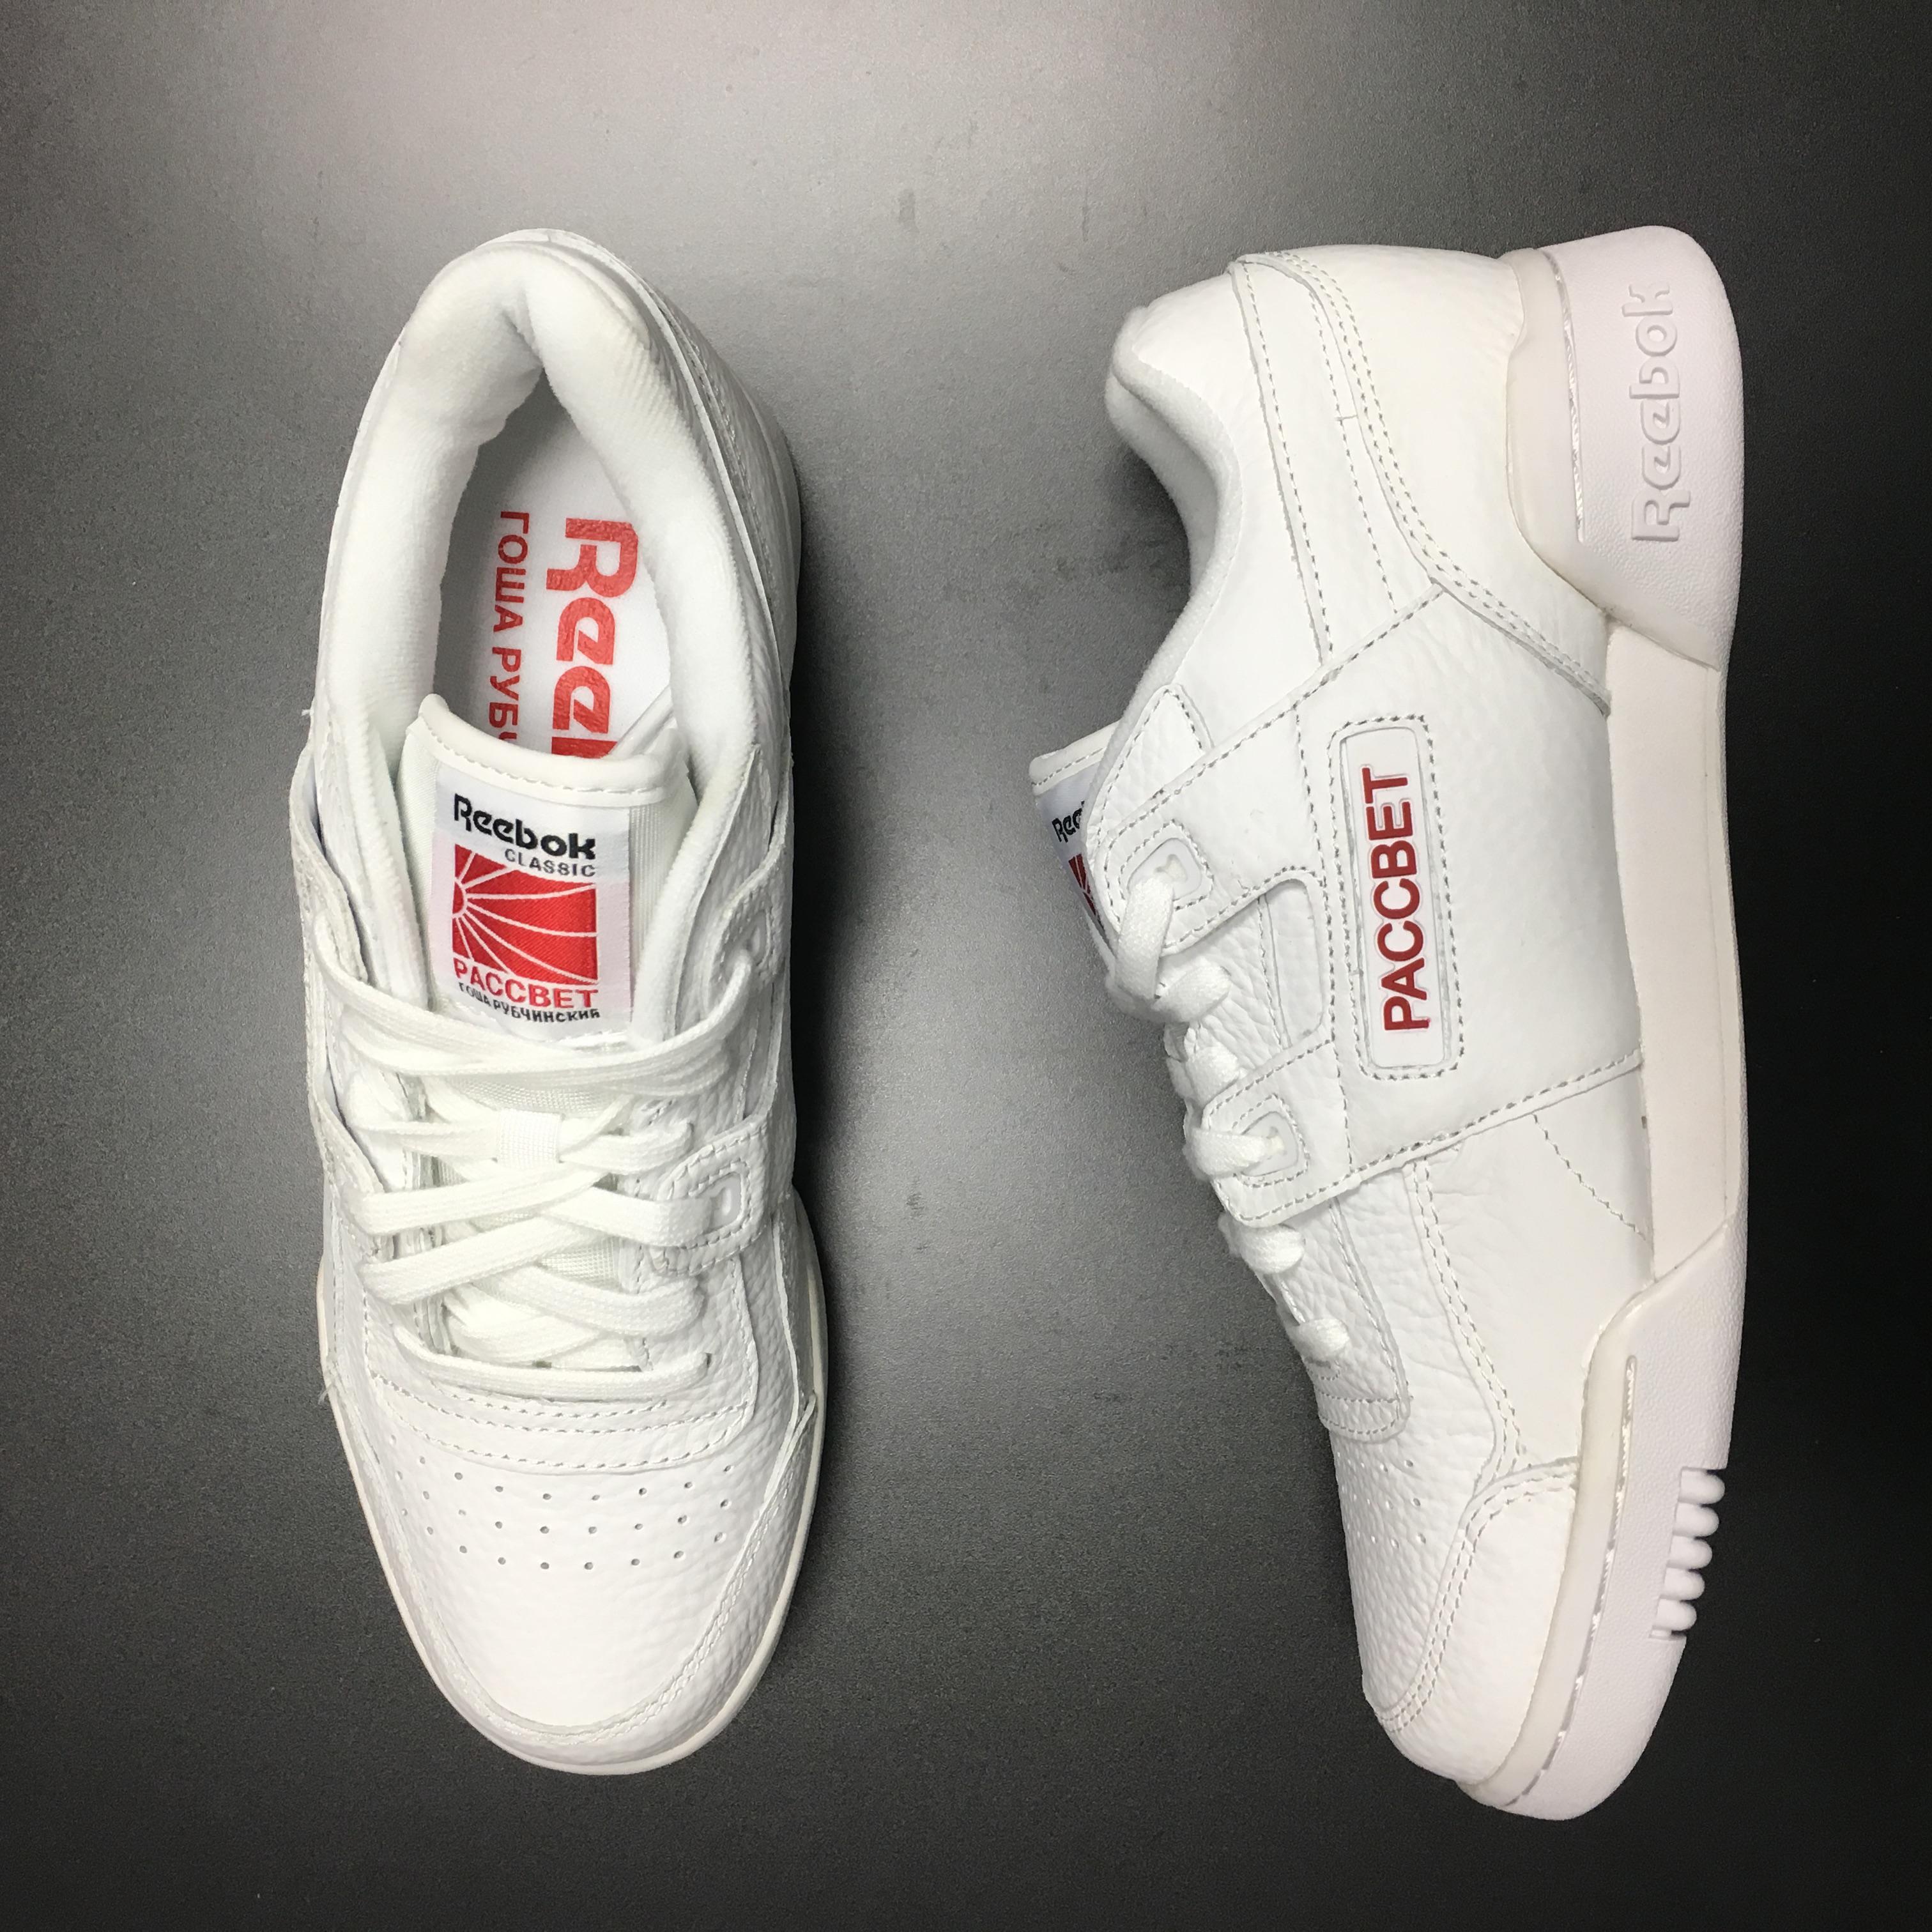 d6e4585d0bc53 Gosha Rubchinskiy Ds rare NIB Gosha Rubchinskiy x Reebok x DSM Red Label  Paccbet logo White Workout Plus G sz 6 supreme yeezy Size 6 - Low-Top  Sneakers for ...